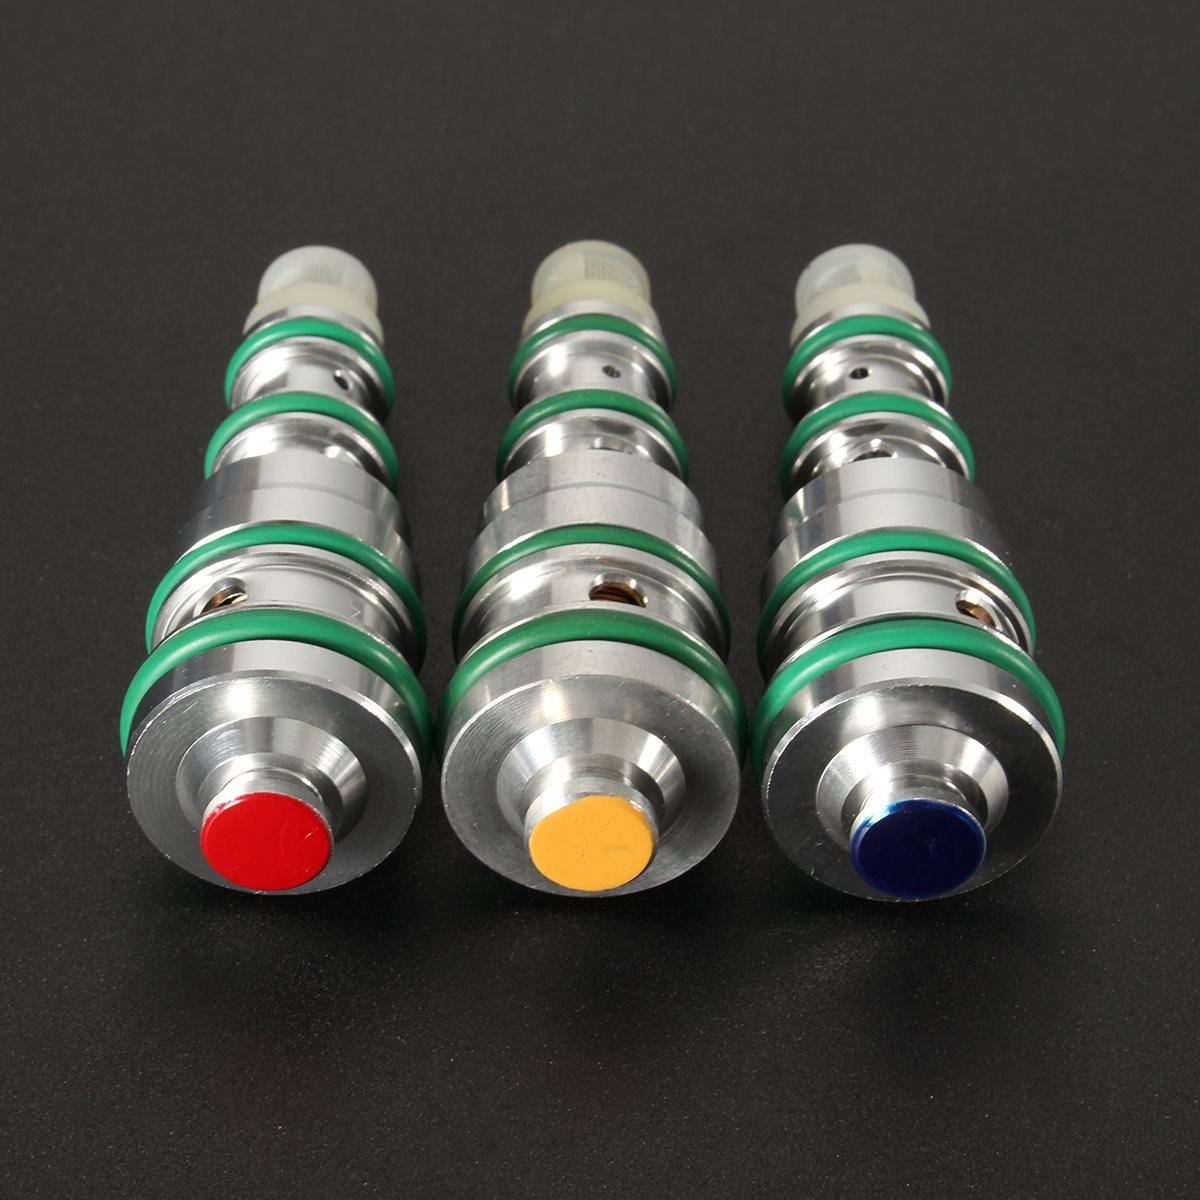 44Psi 42Psi 40Psi Valvola Elettromagnetica Valvola di Controllo Per Buick/Volkswagen/Opel/DAEWOO/Peugeot V5 Compressore R12 o R134a